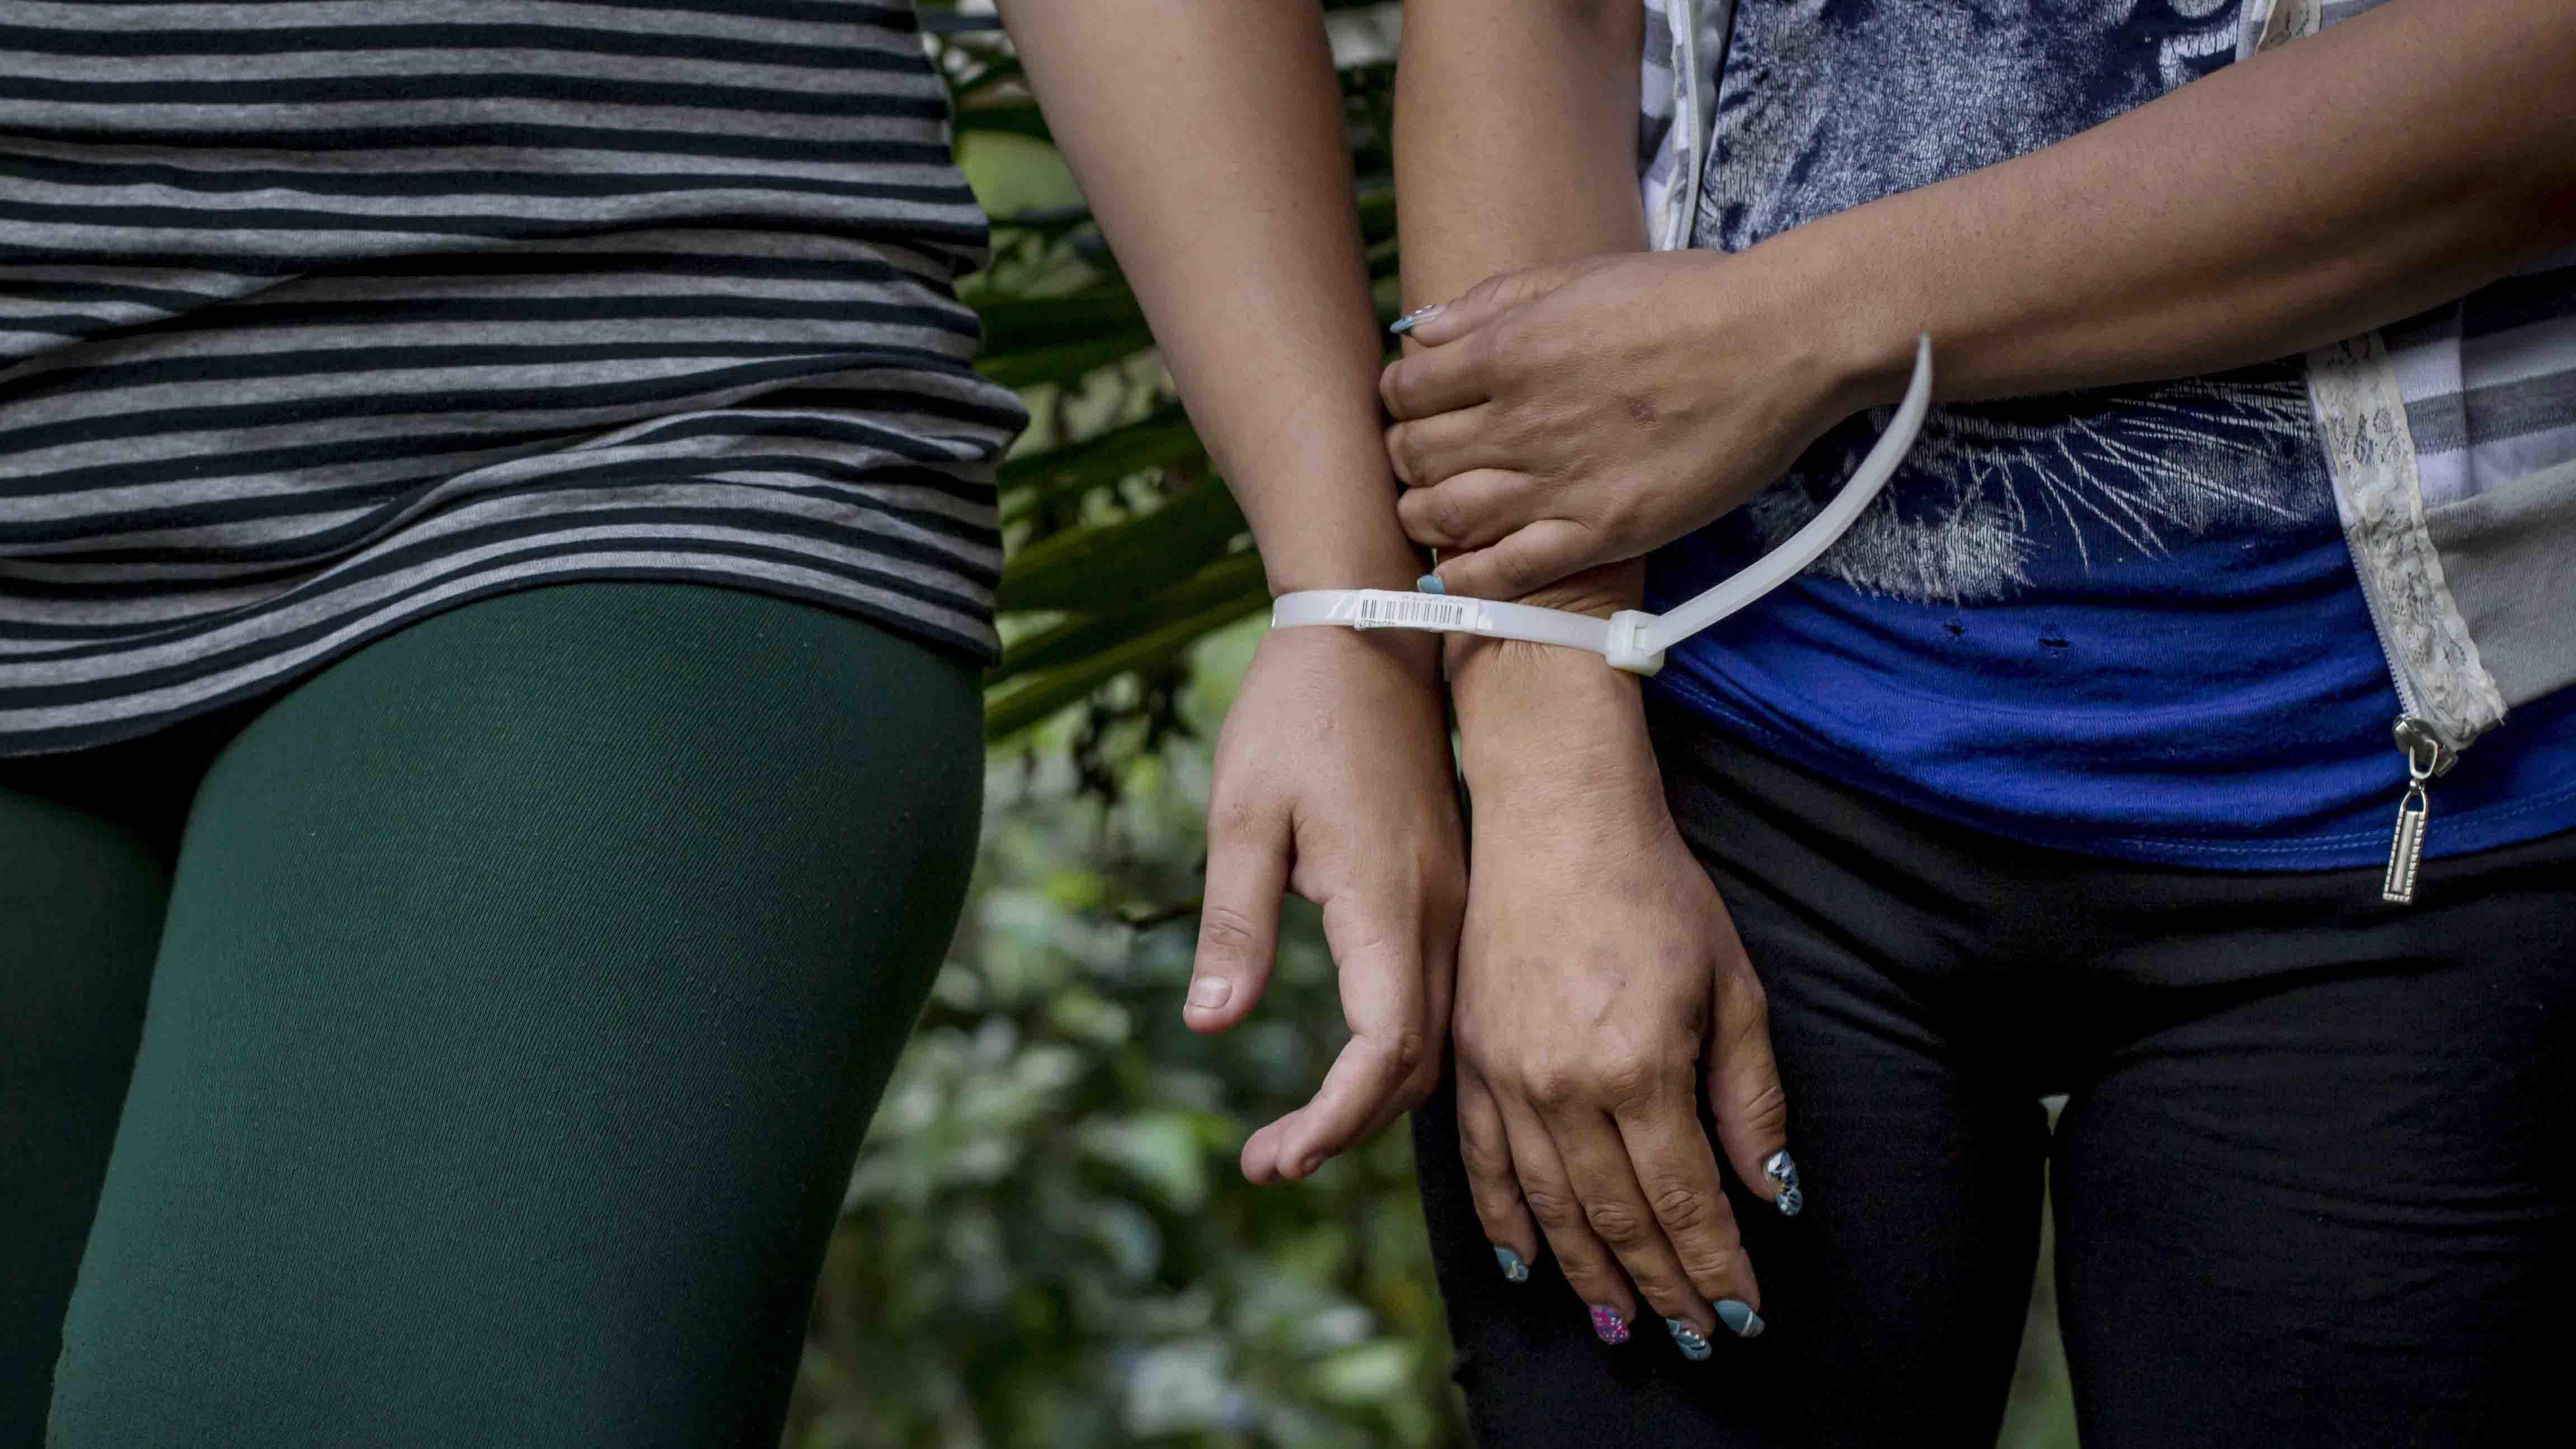 De acuerdo a las autoridades policiales, las mujeres fueron sorprendidas escondiéndose las prendas en un centro comercial